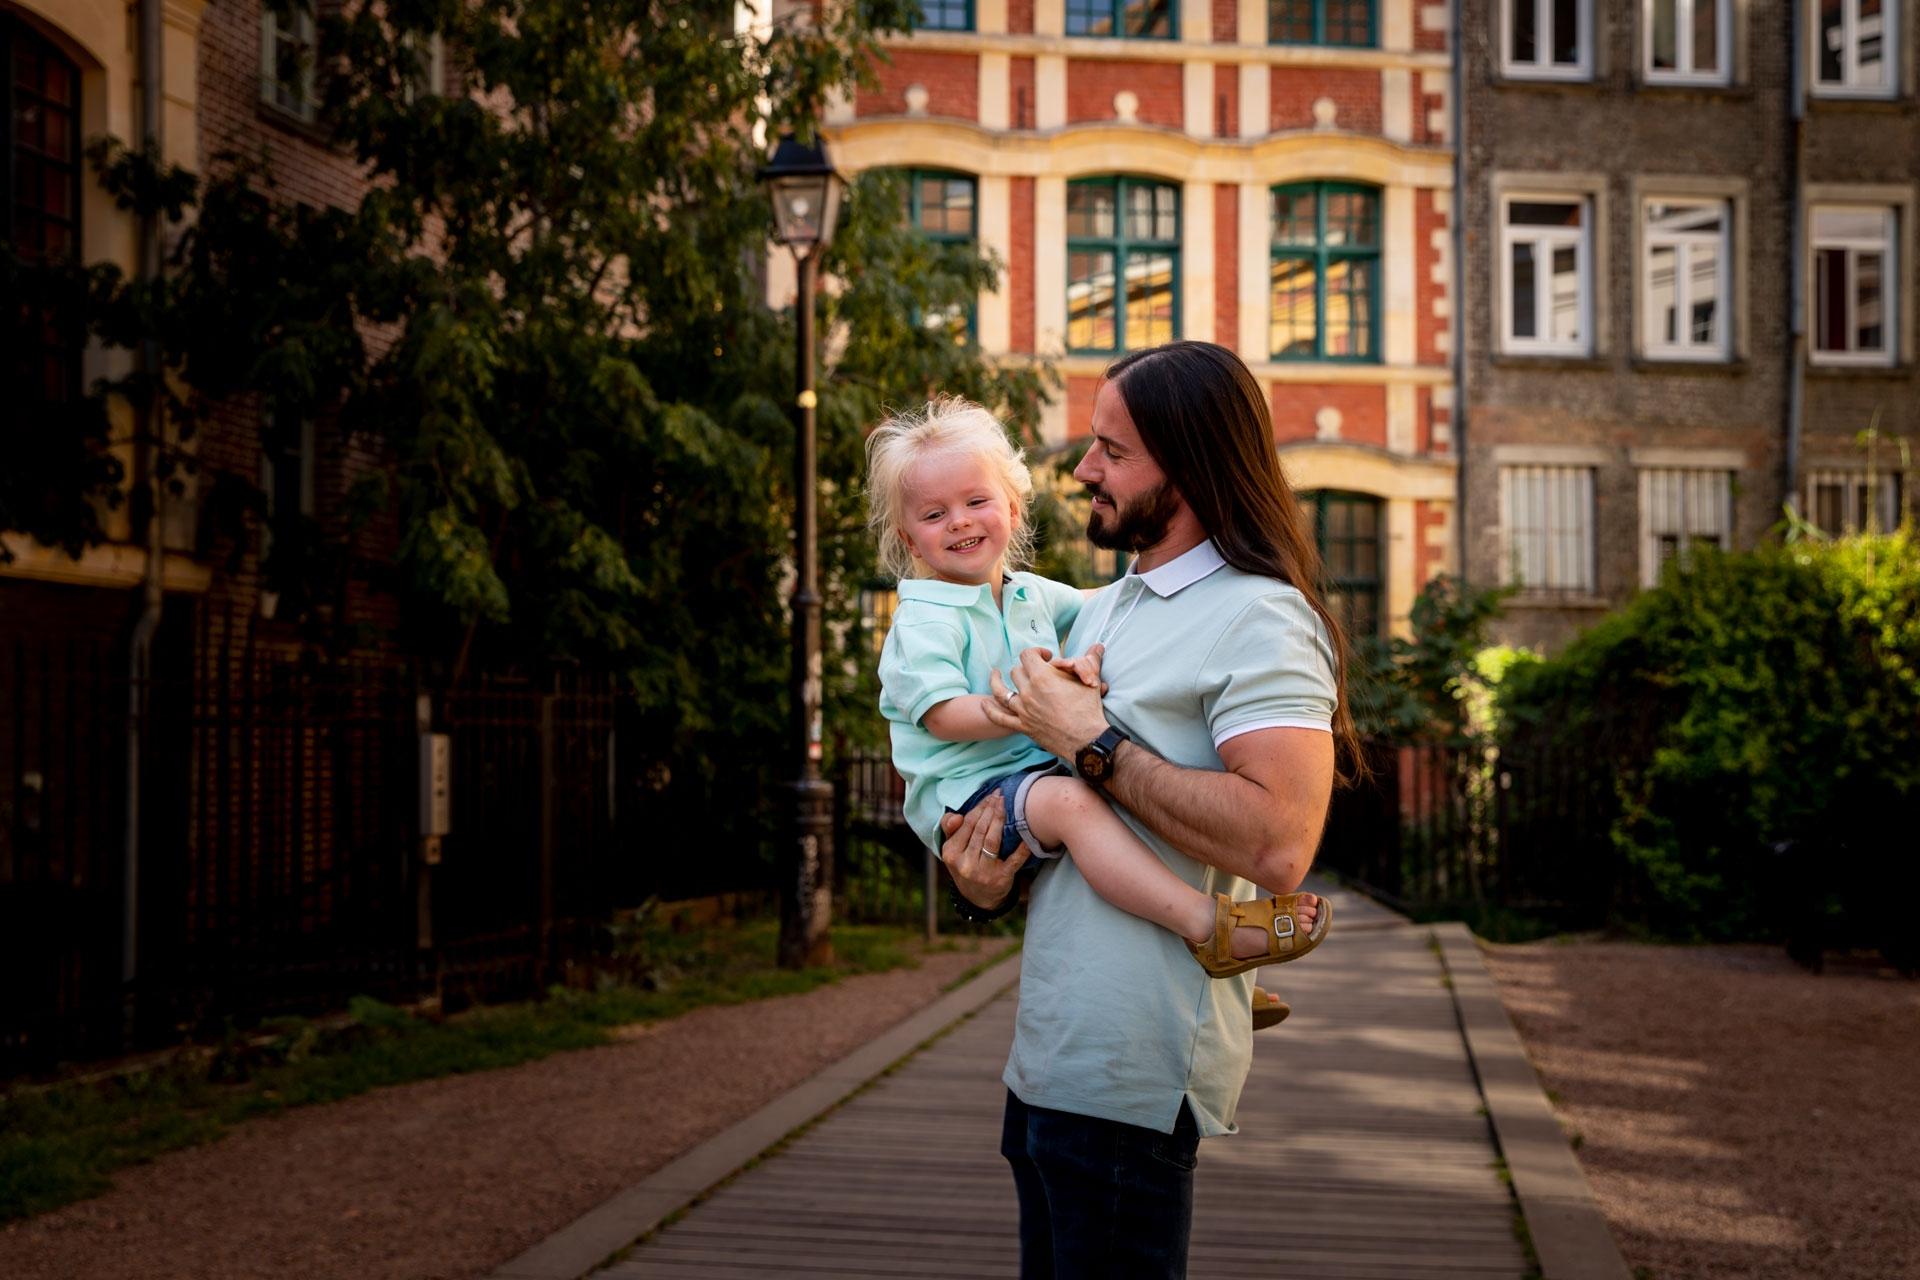 particuliers-portraits-engagement-famille-deltenre-2020-32